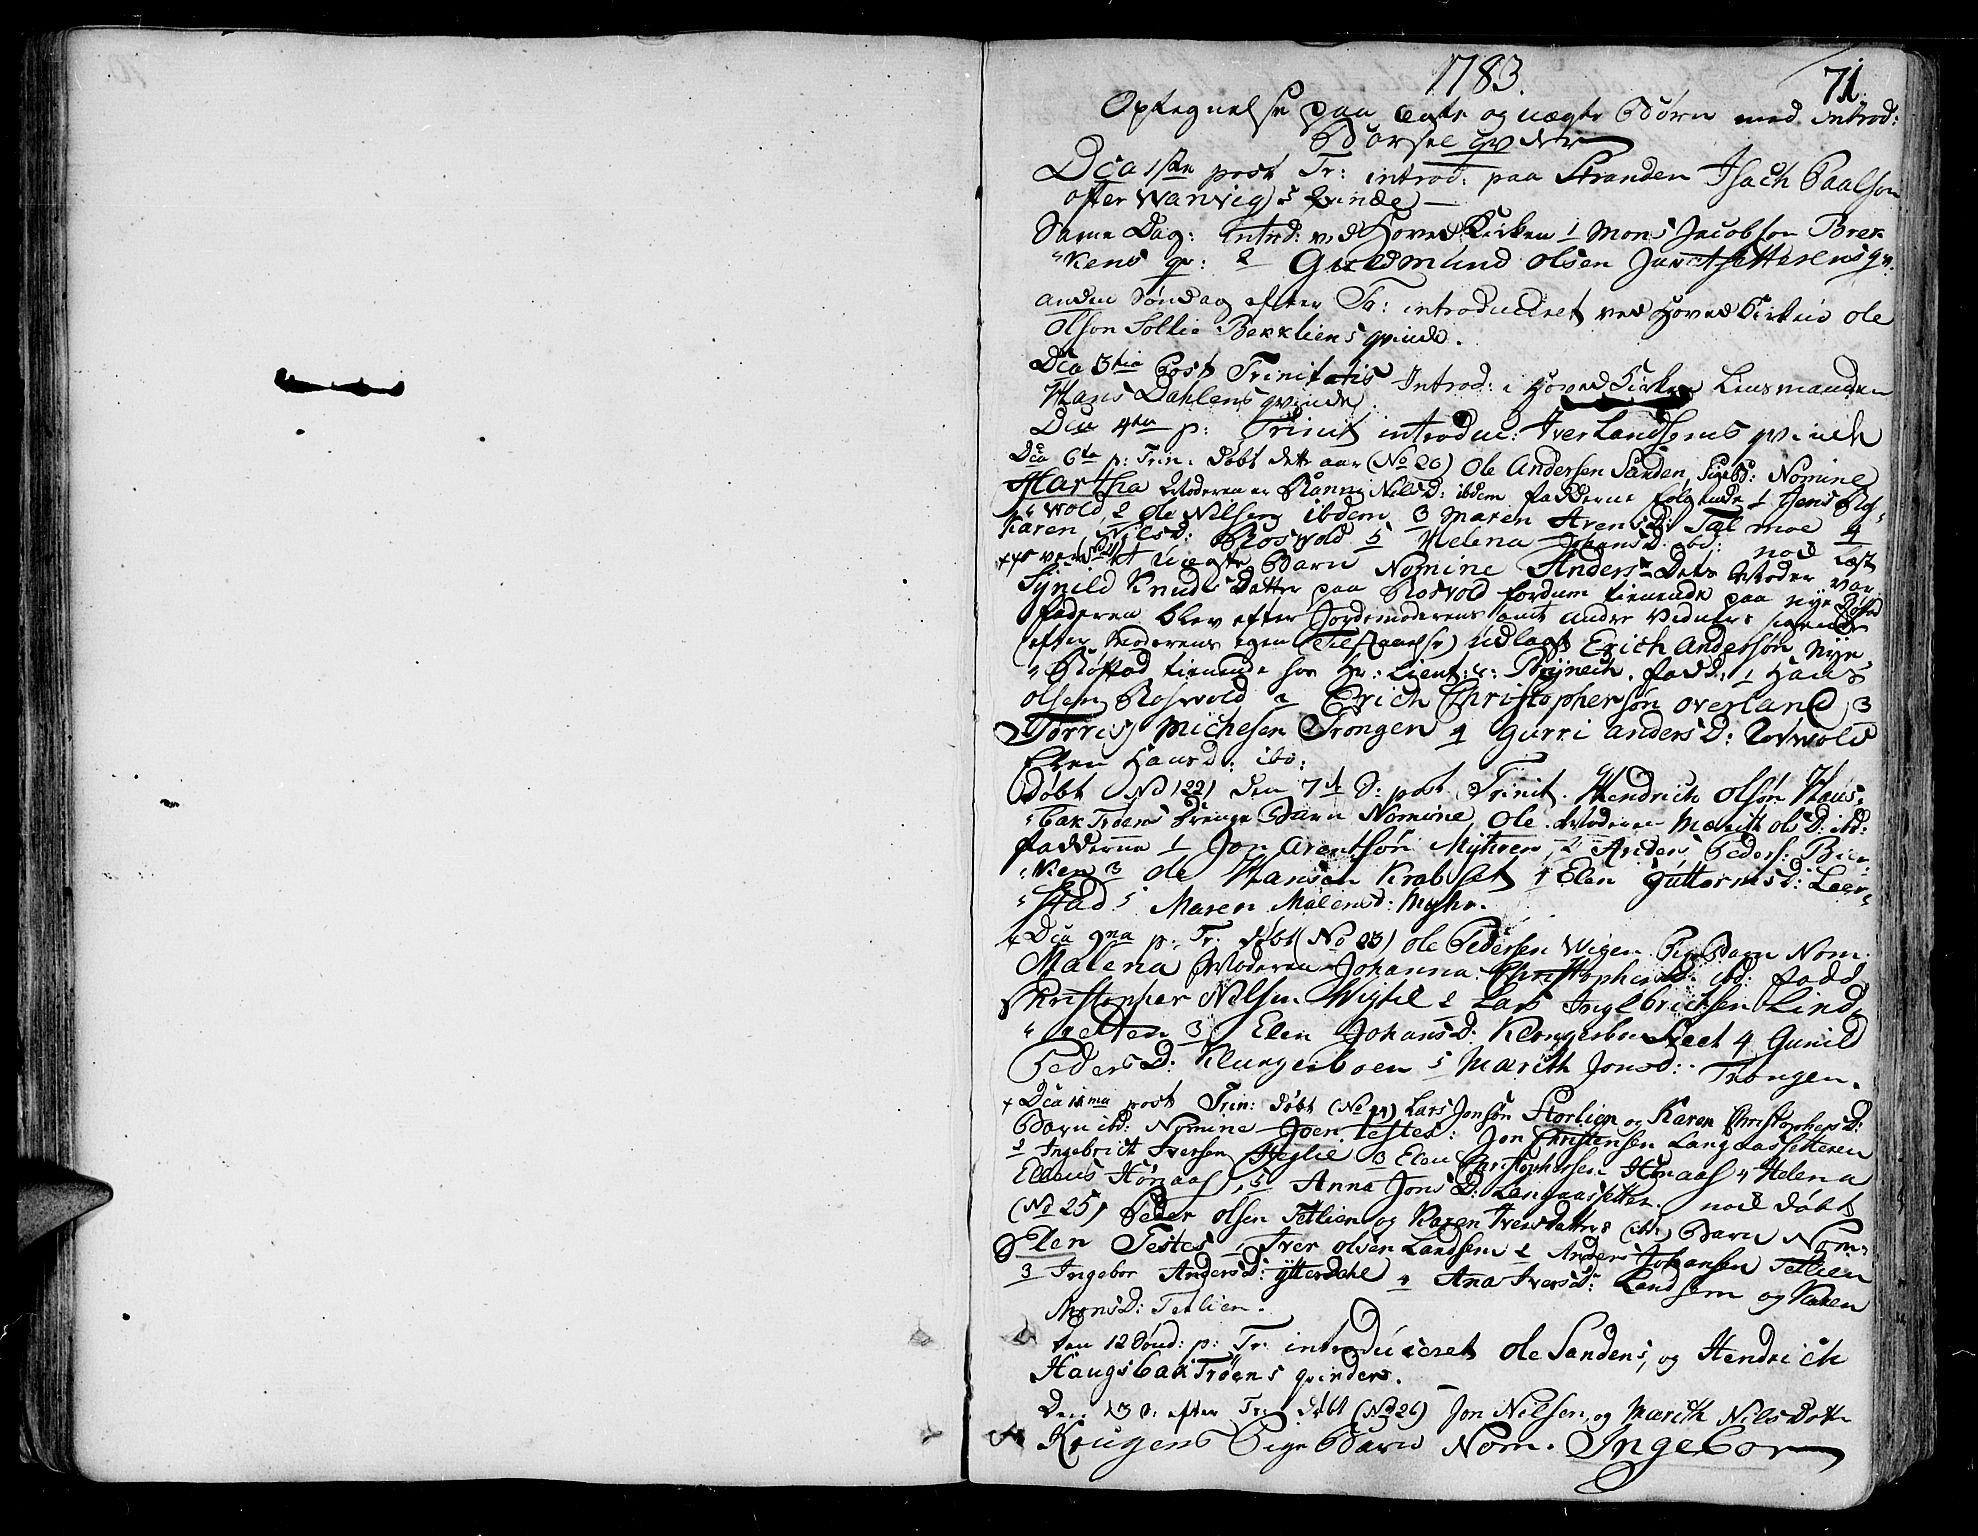 SAT, Ministerialprotokoller, klokkerbøker og fødselsregistre - Nord-Trøndelag, 701/L0004: Ministerialbok nr. 701A04, 1783-1816, s. 71